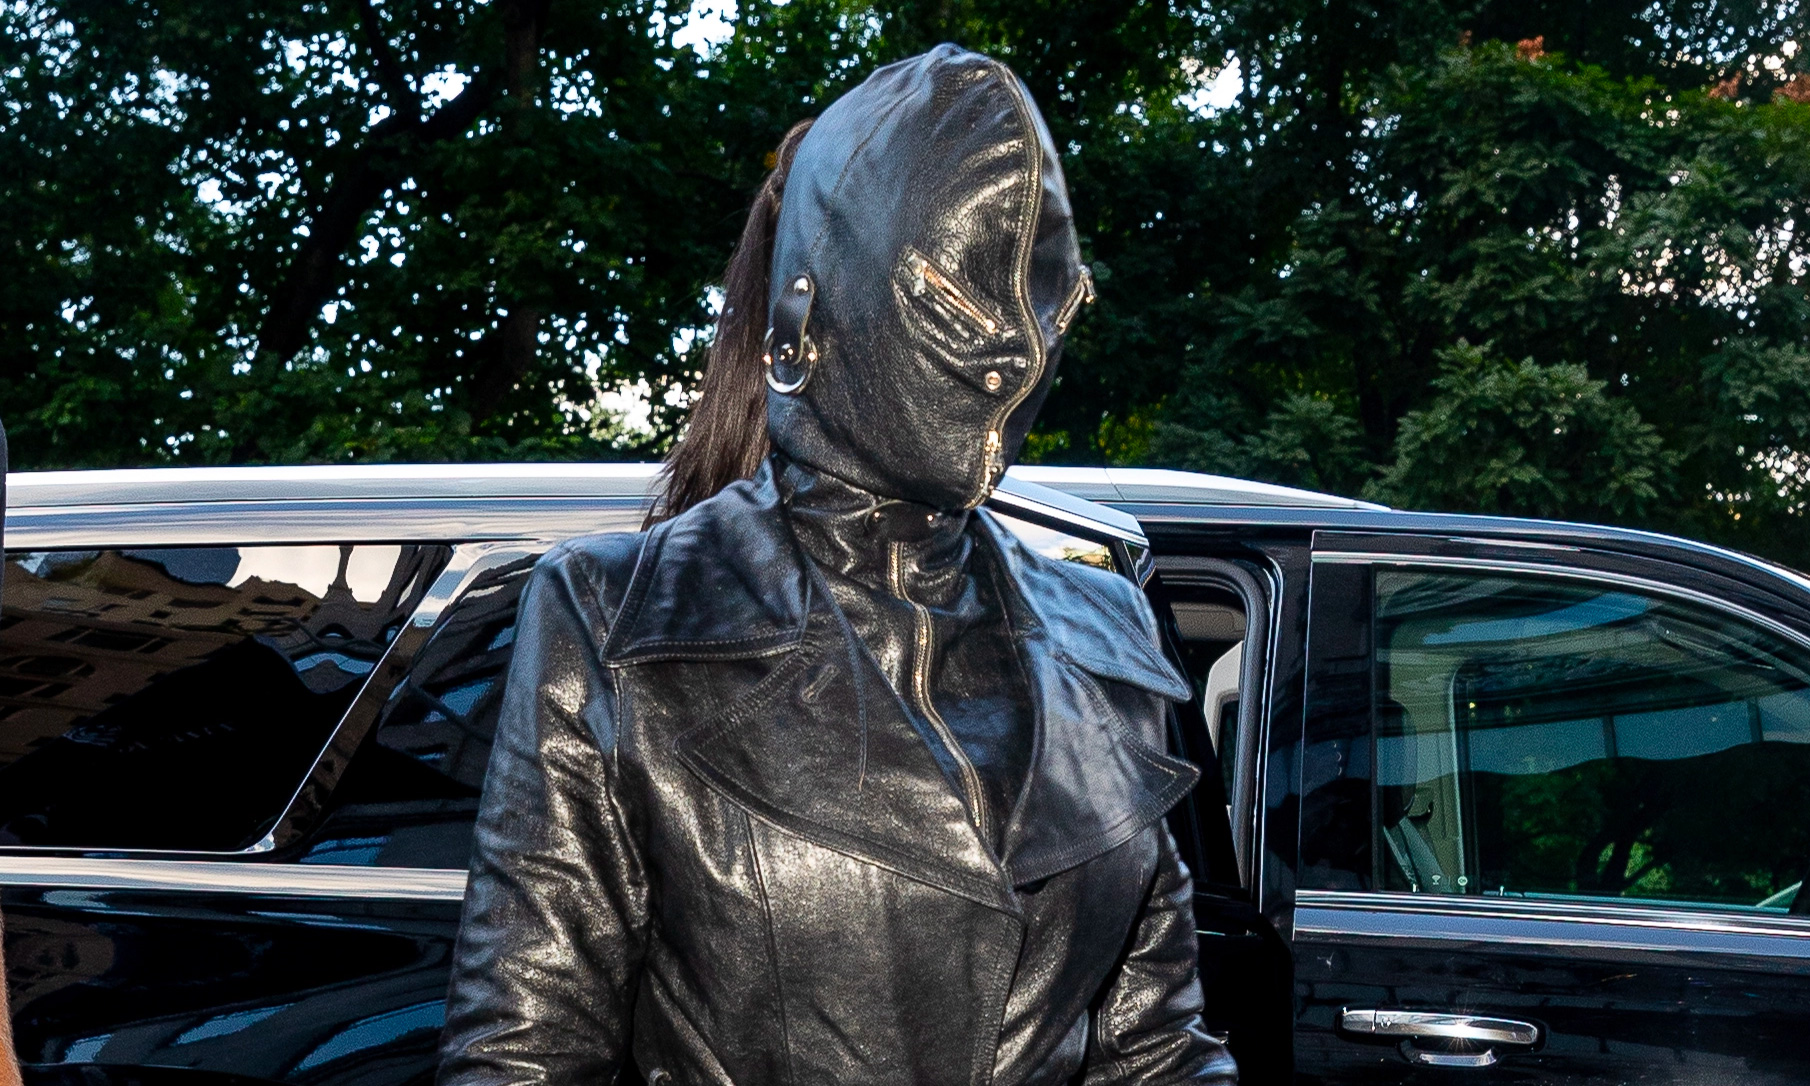 从上世纪到如今,Gimp Suits 「扮演」着什么角色?